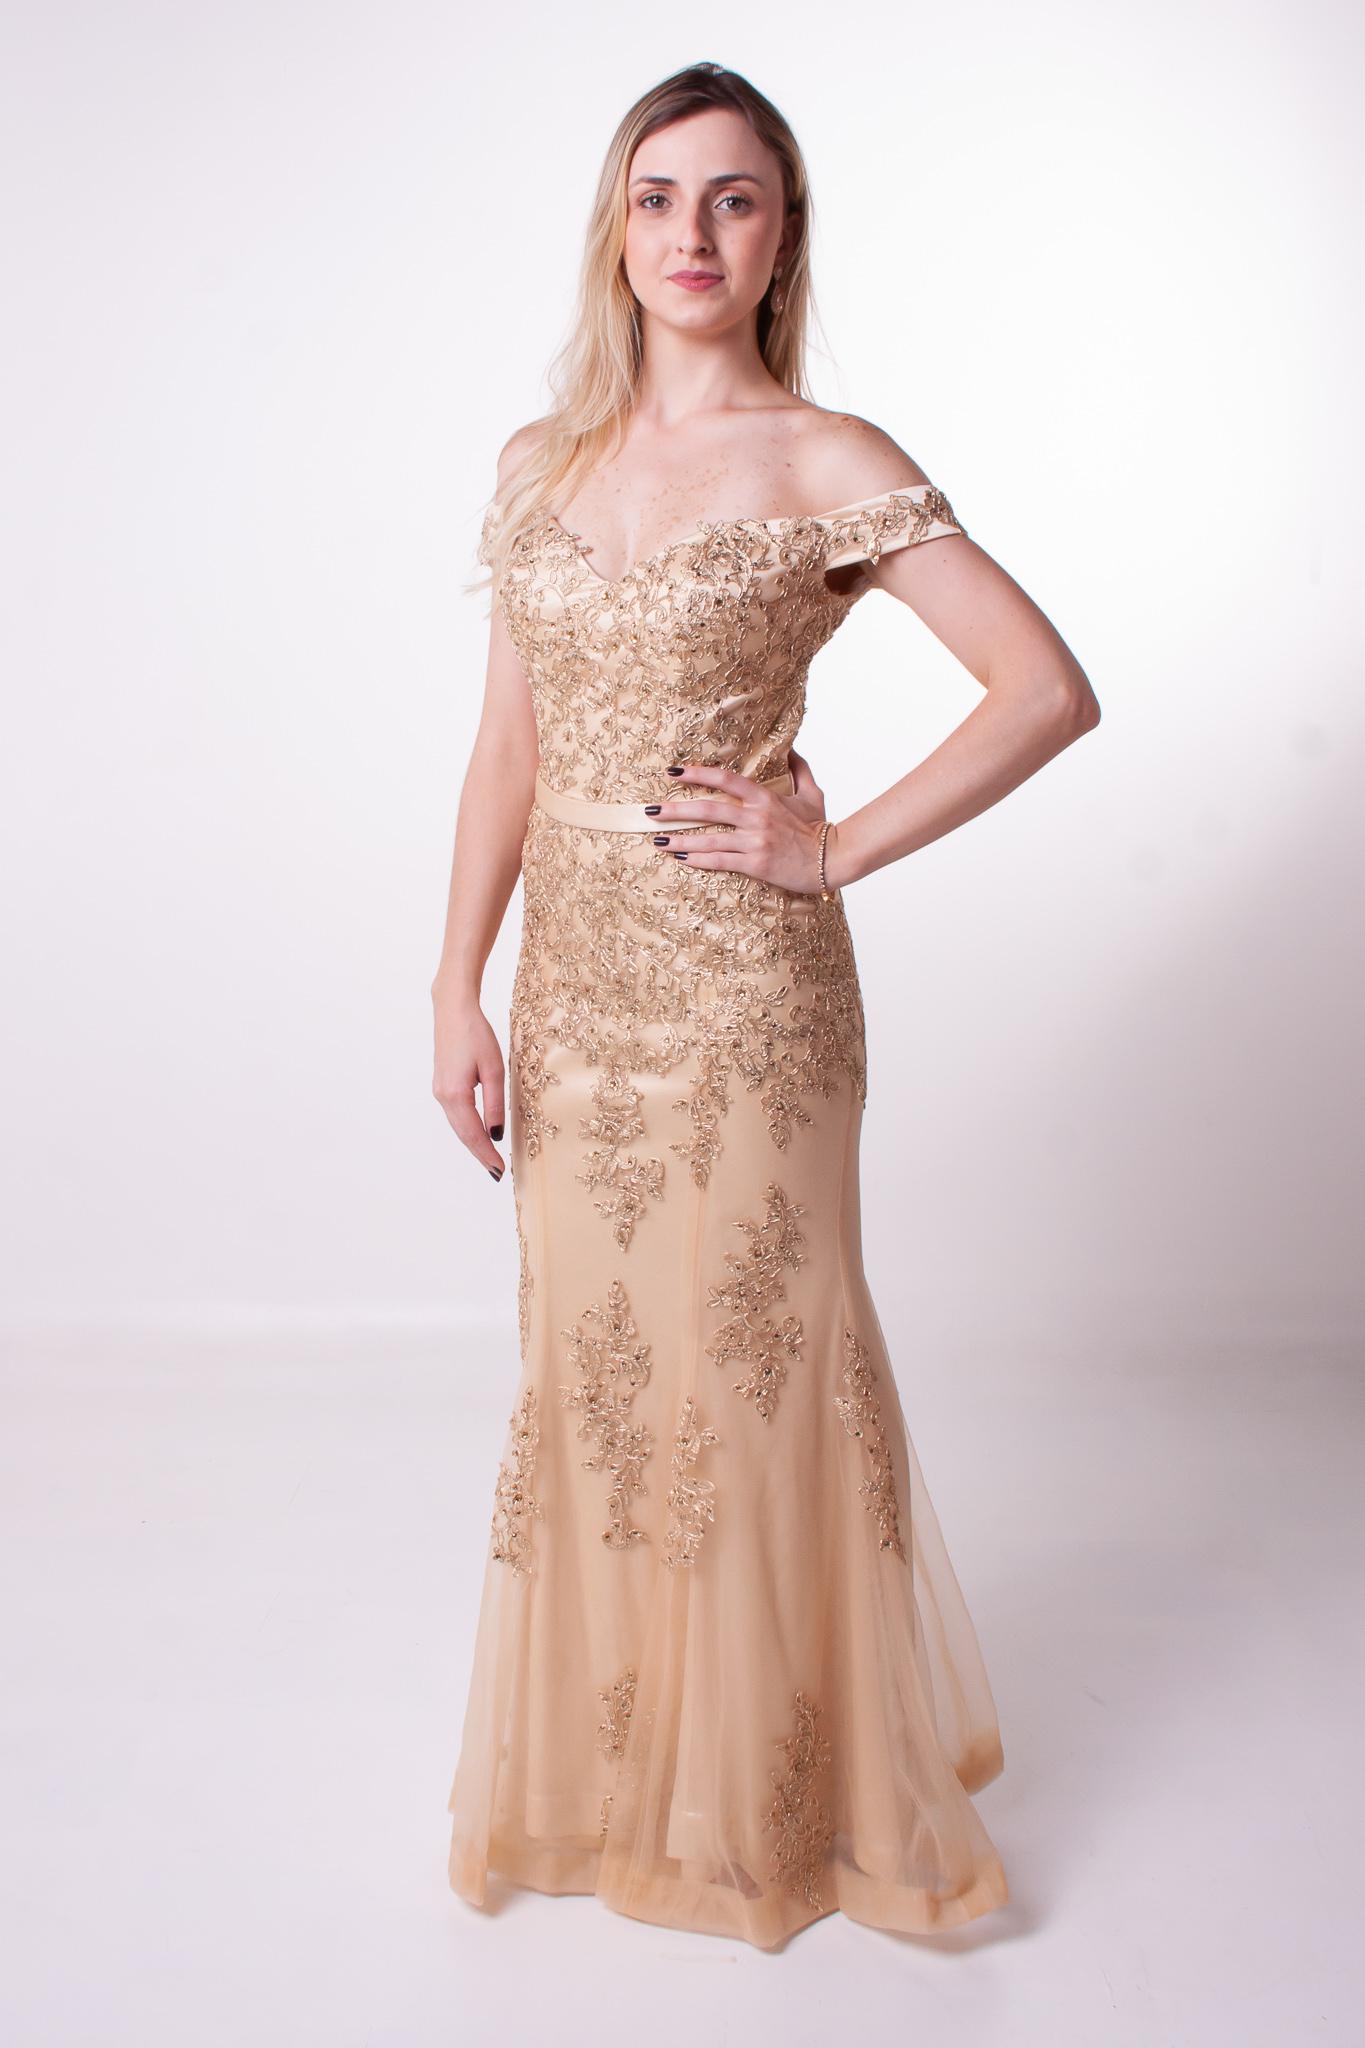 9 - Vestido dourado de tule bordado com cintinho